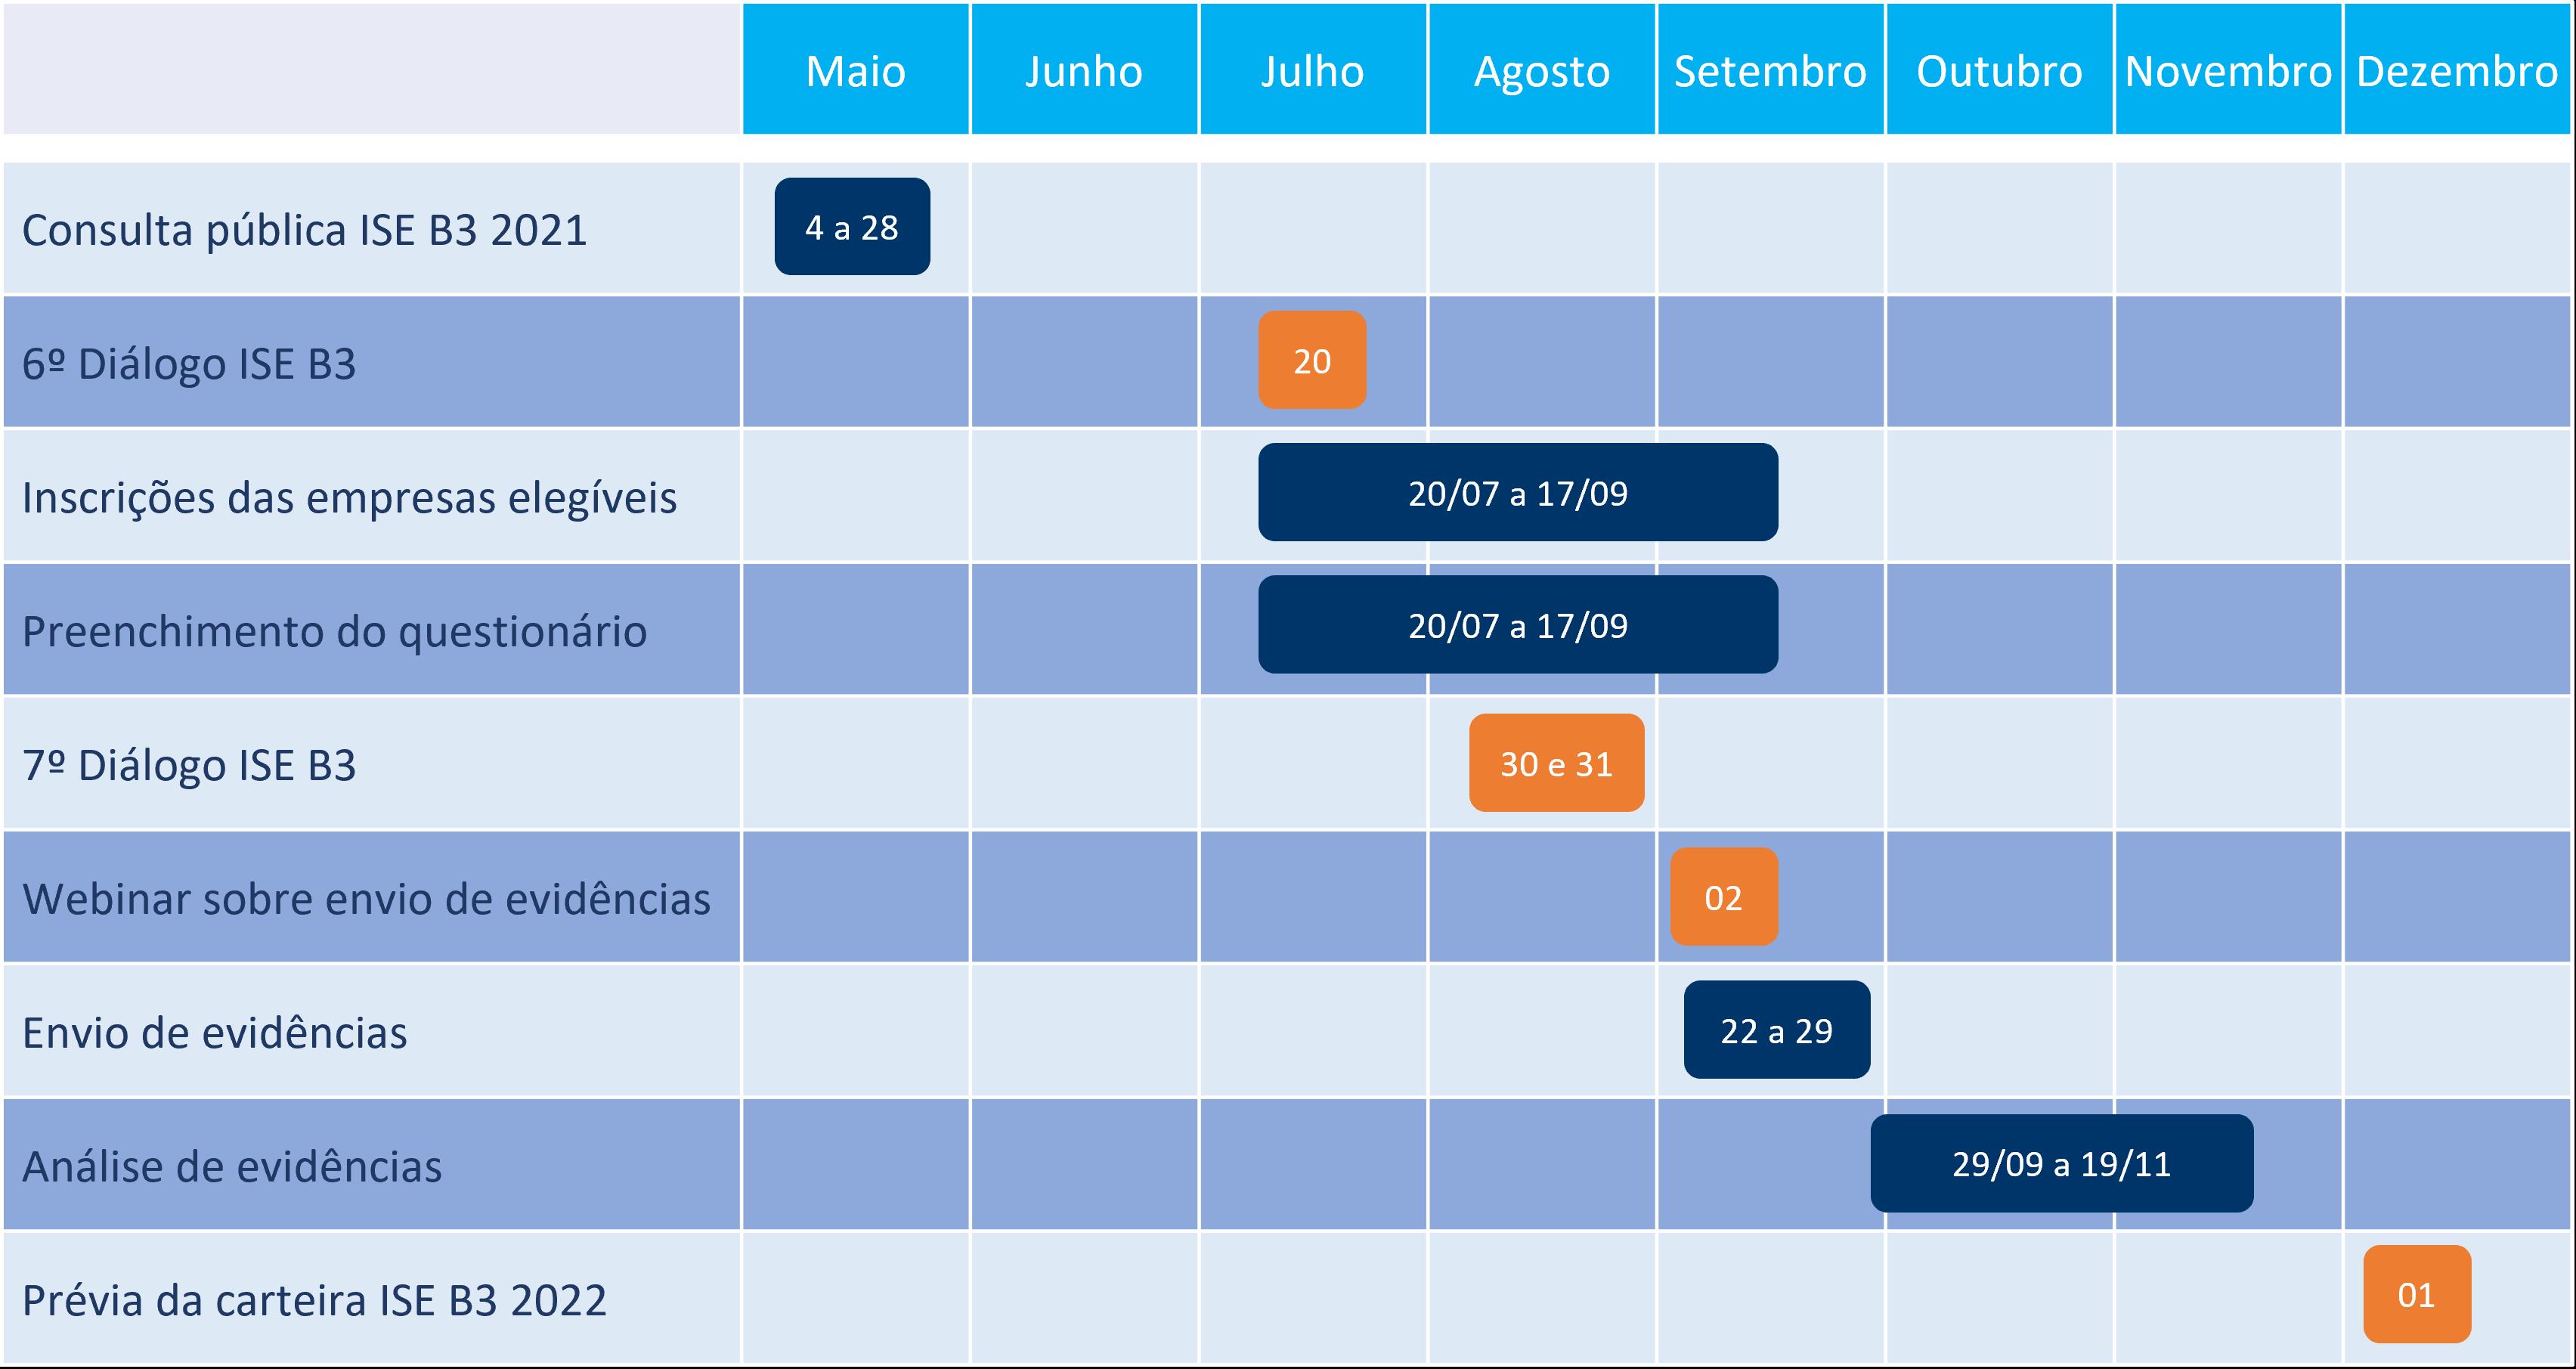 Calendário de atividade ISE B3 2021